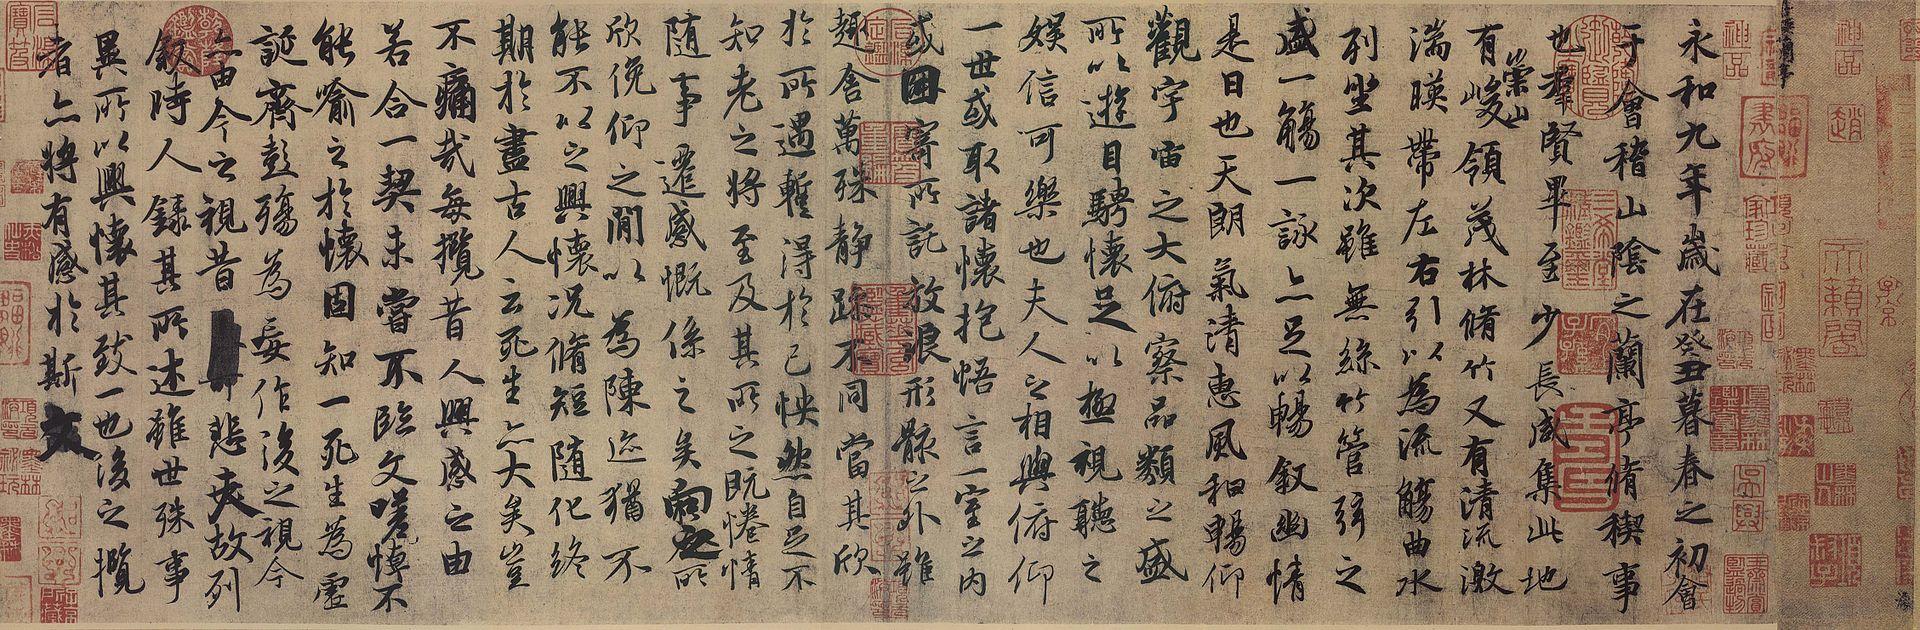 Préface au recueil du pavillon des Orchidées, 353, Wang Xizhi